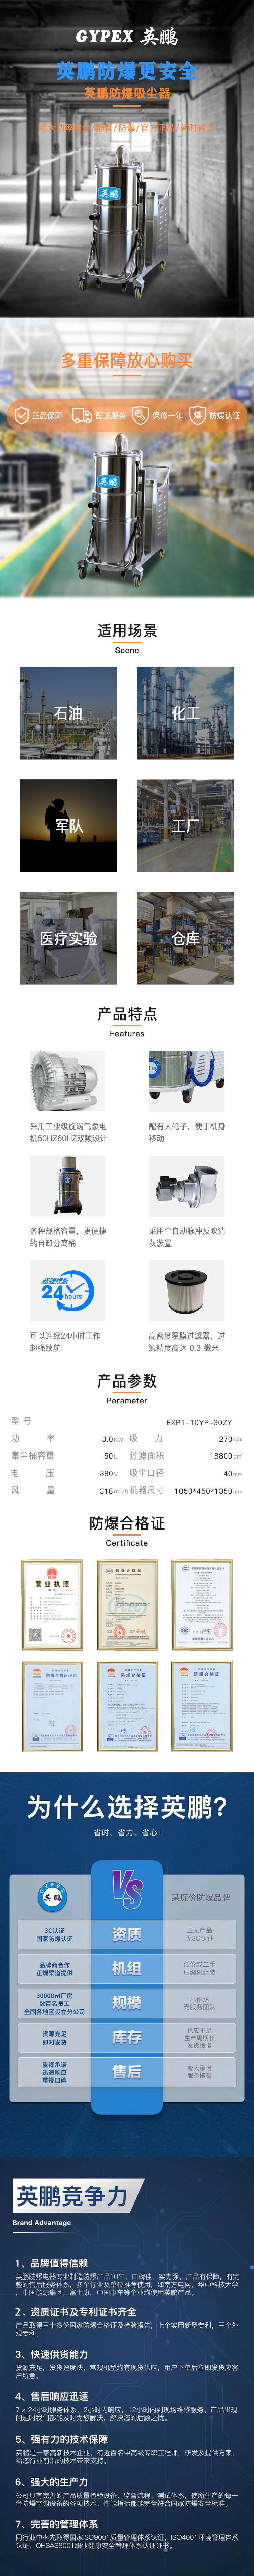 50升吸塵器詳情頁EXP1-10YP-30ZY.jpg